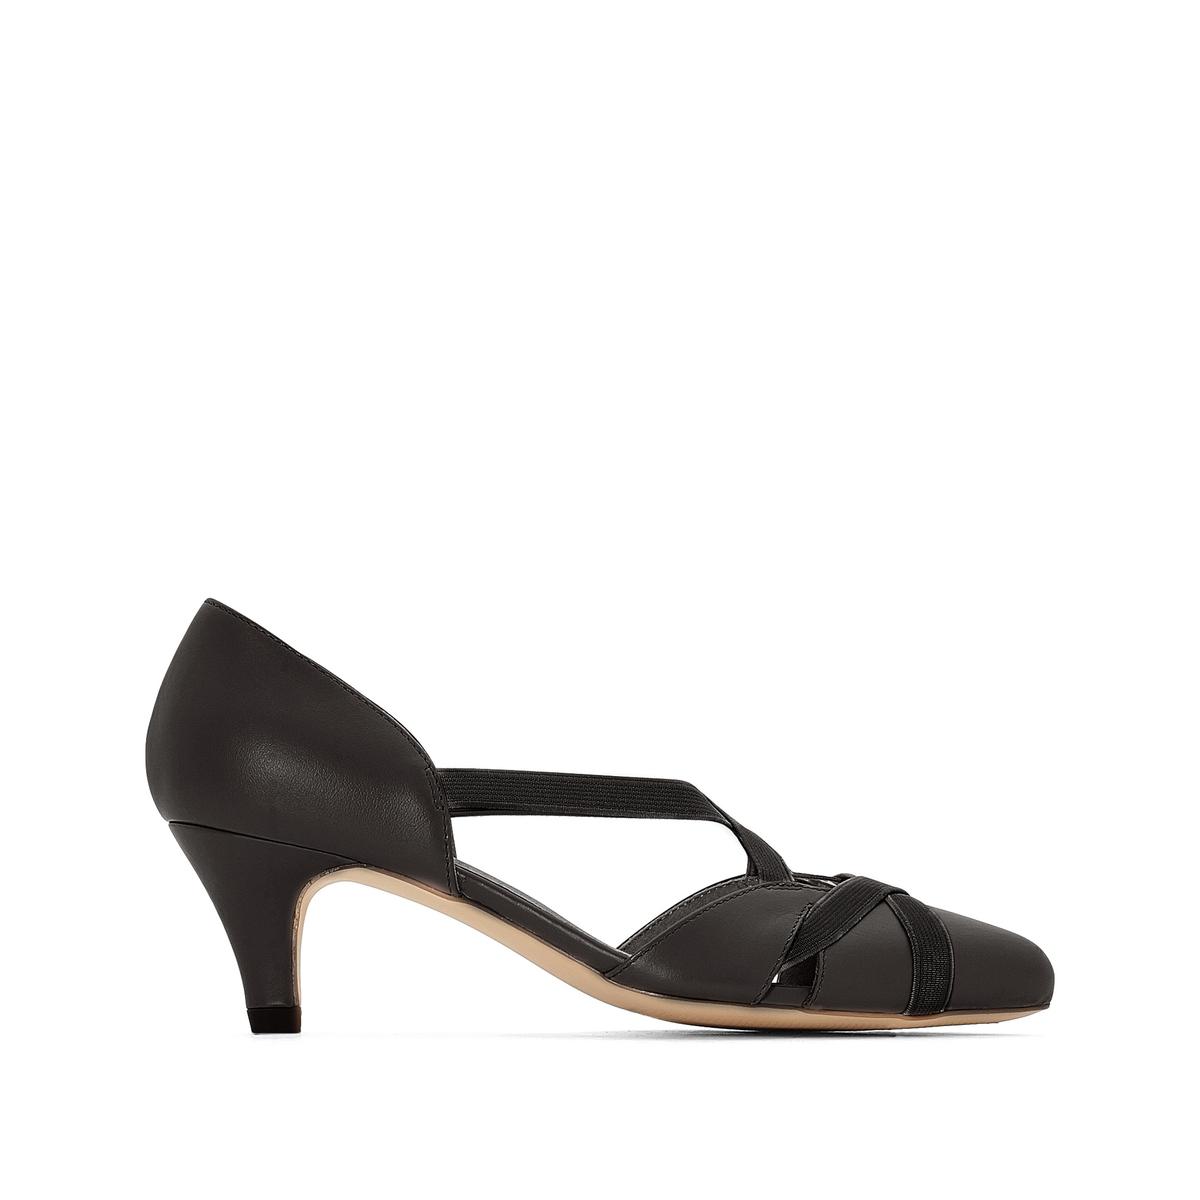 цены на Туфли кожаные на среднем каблуке в интернет-магазинах